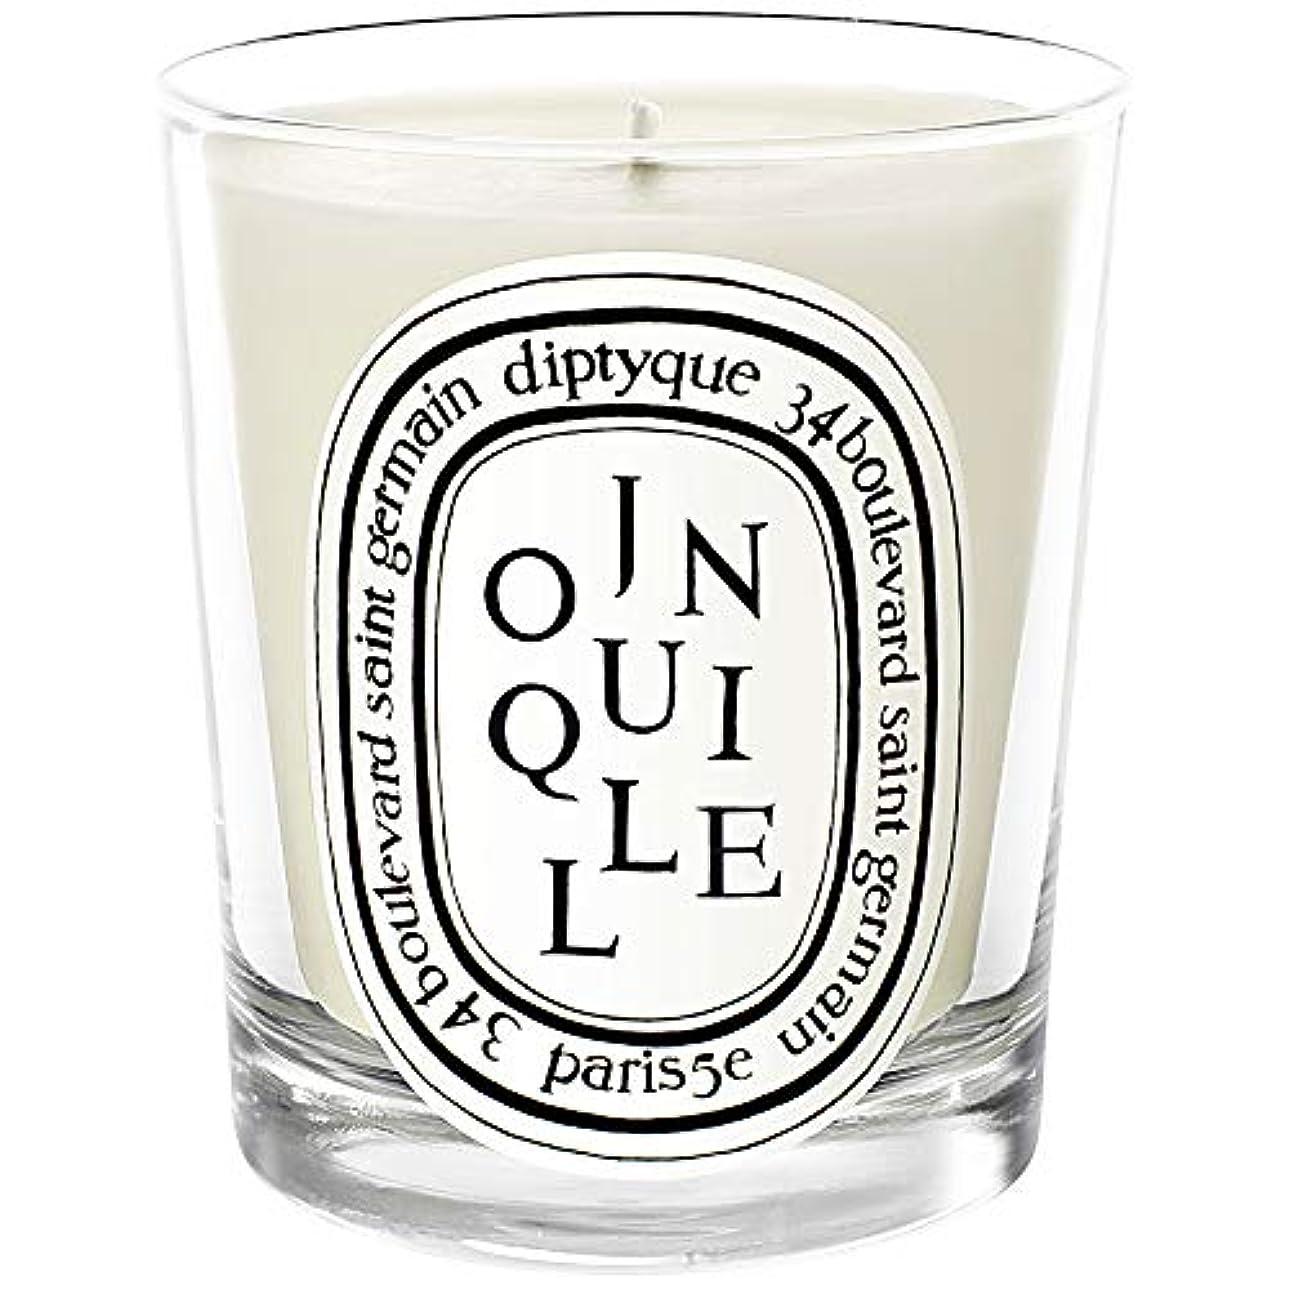 クレーター承認スチール[Diptyque] Diptyque Jonquilleキャンドル190グラム - Diptyque Jonquille Candle 190g [並行輸入品]